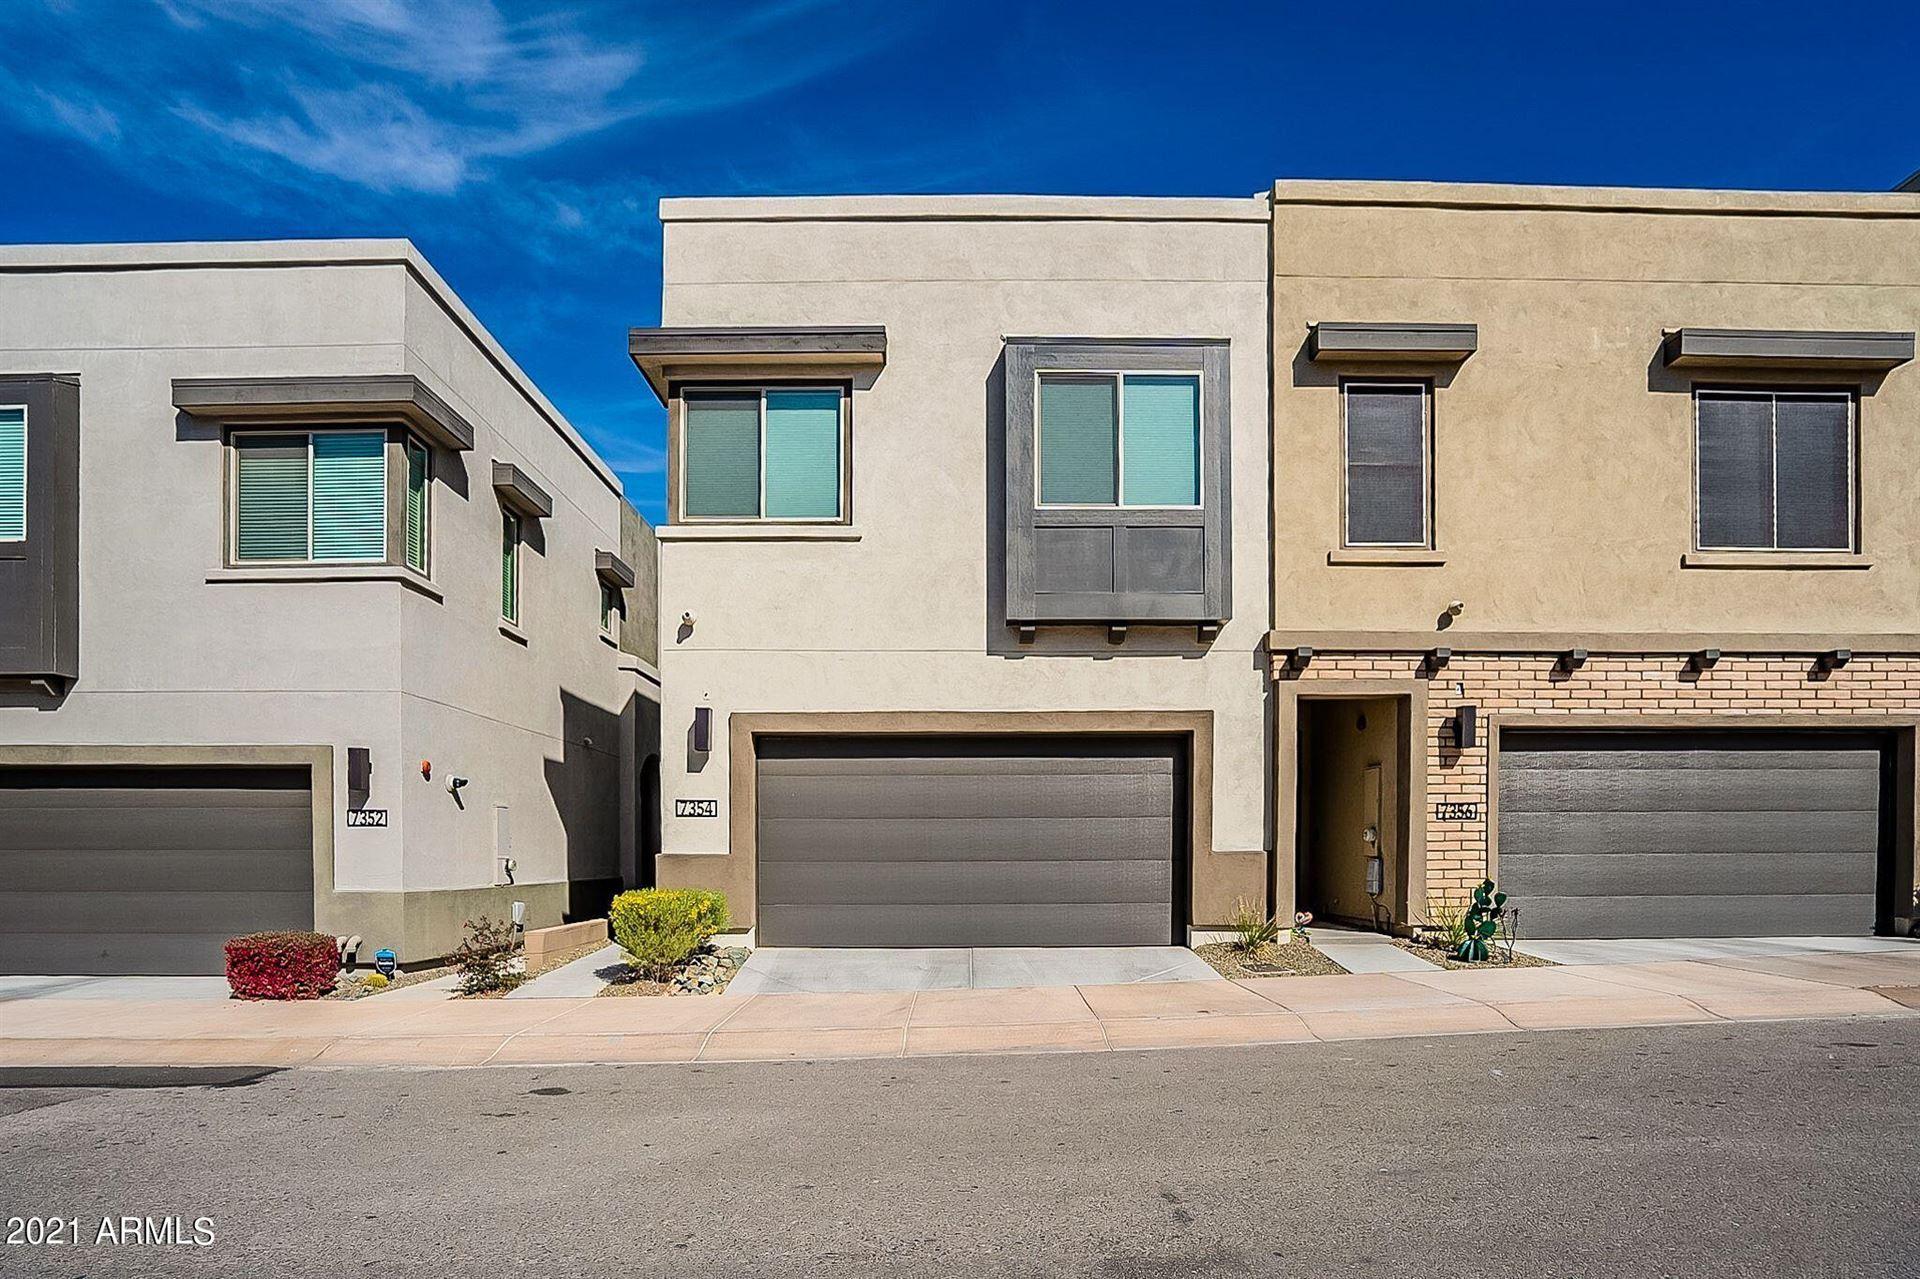 Photo of 7354 E VISTA BONITA Drive, Scottsdale, AZ 85255 (MLS # 6197111)